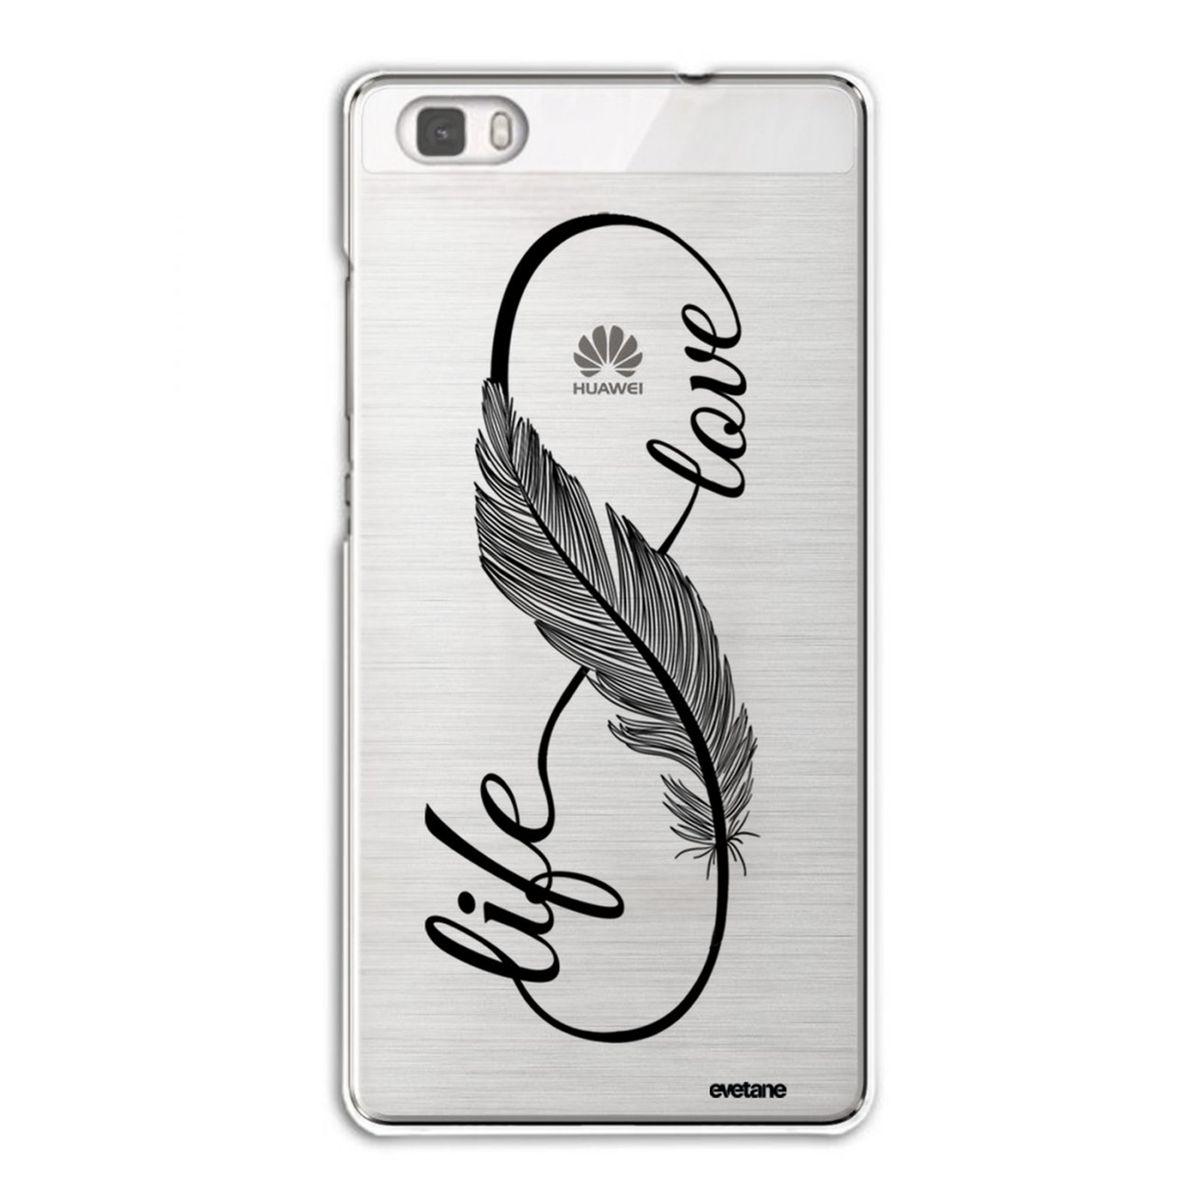 Coque Huawei P8 Lite rigide transparente, Love Life, Evetane®